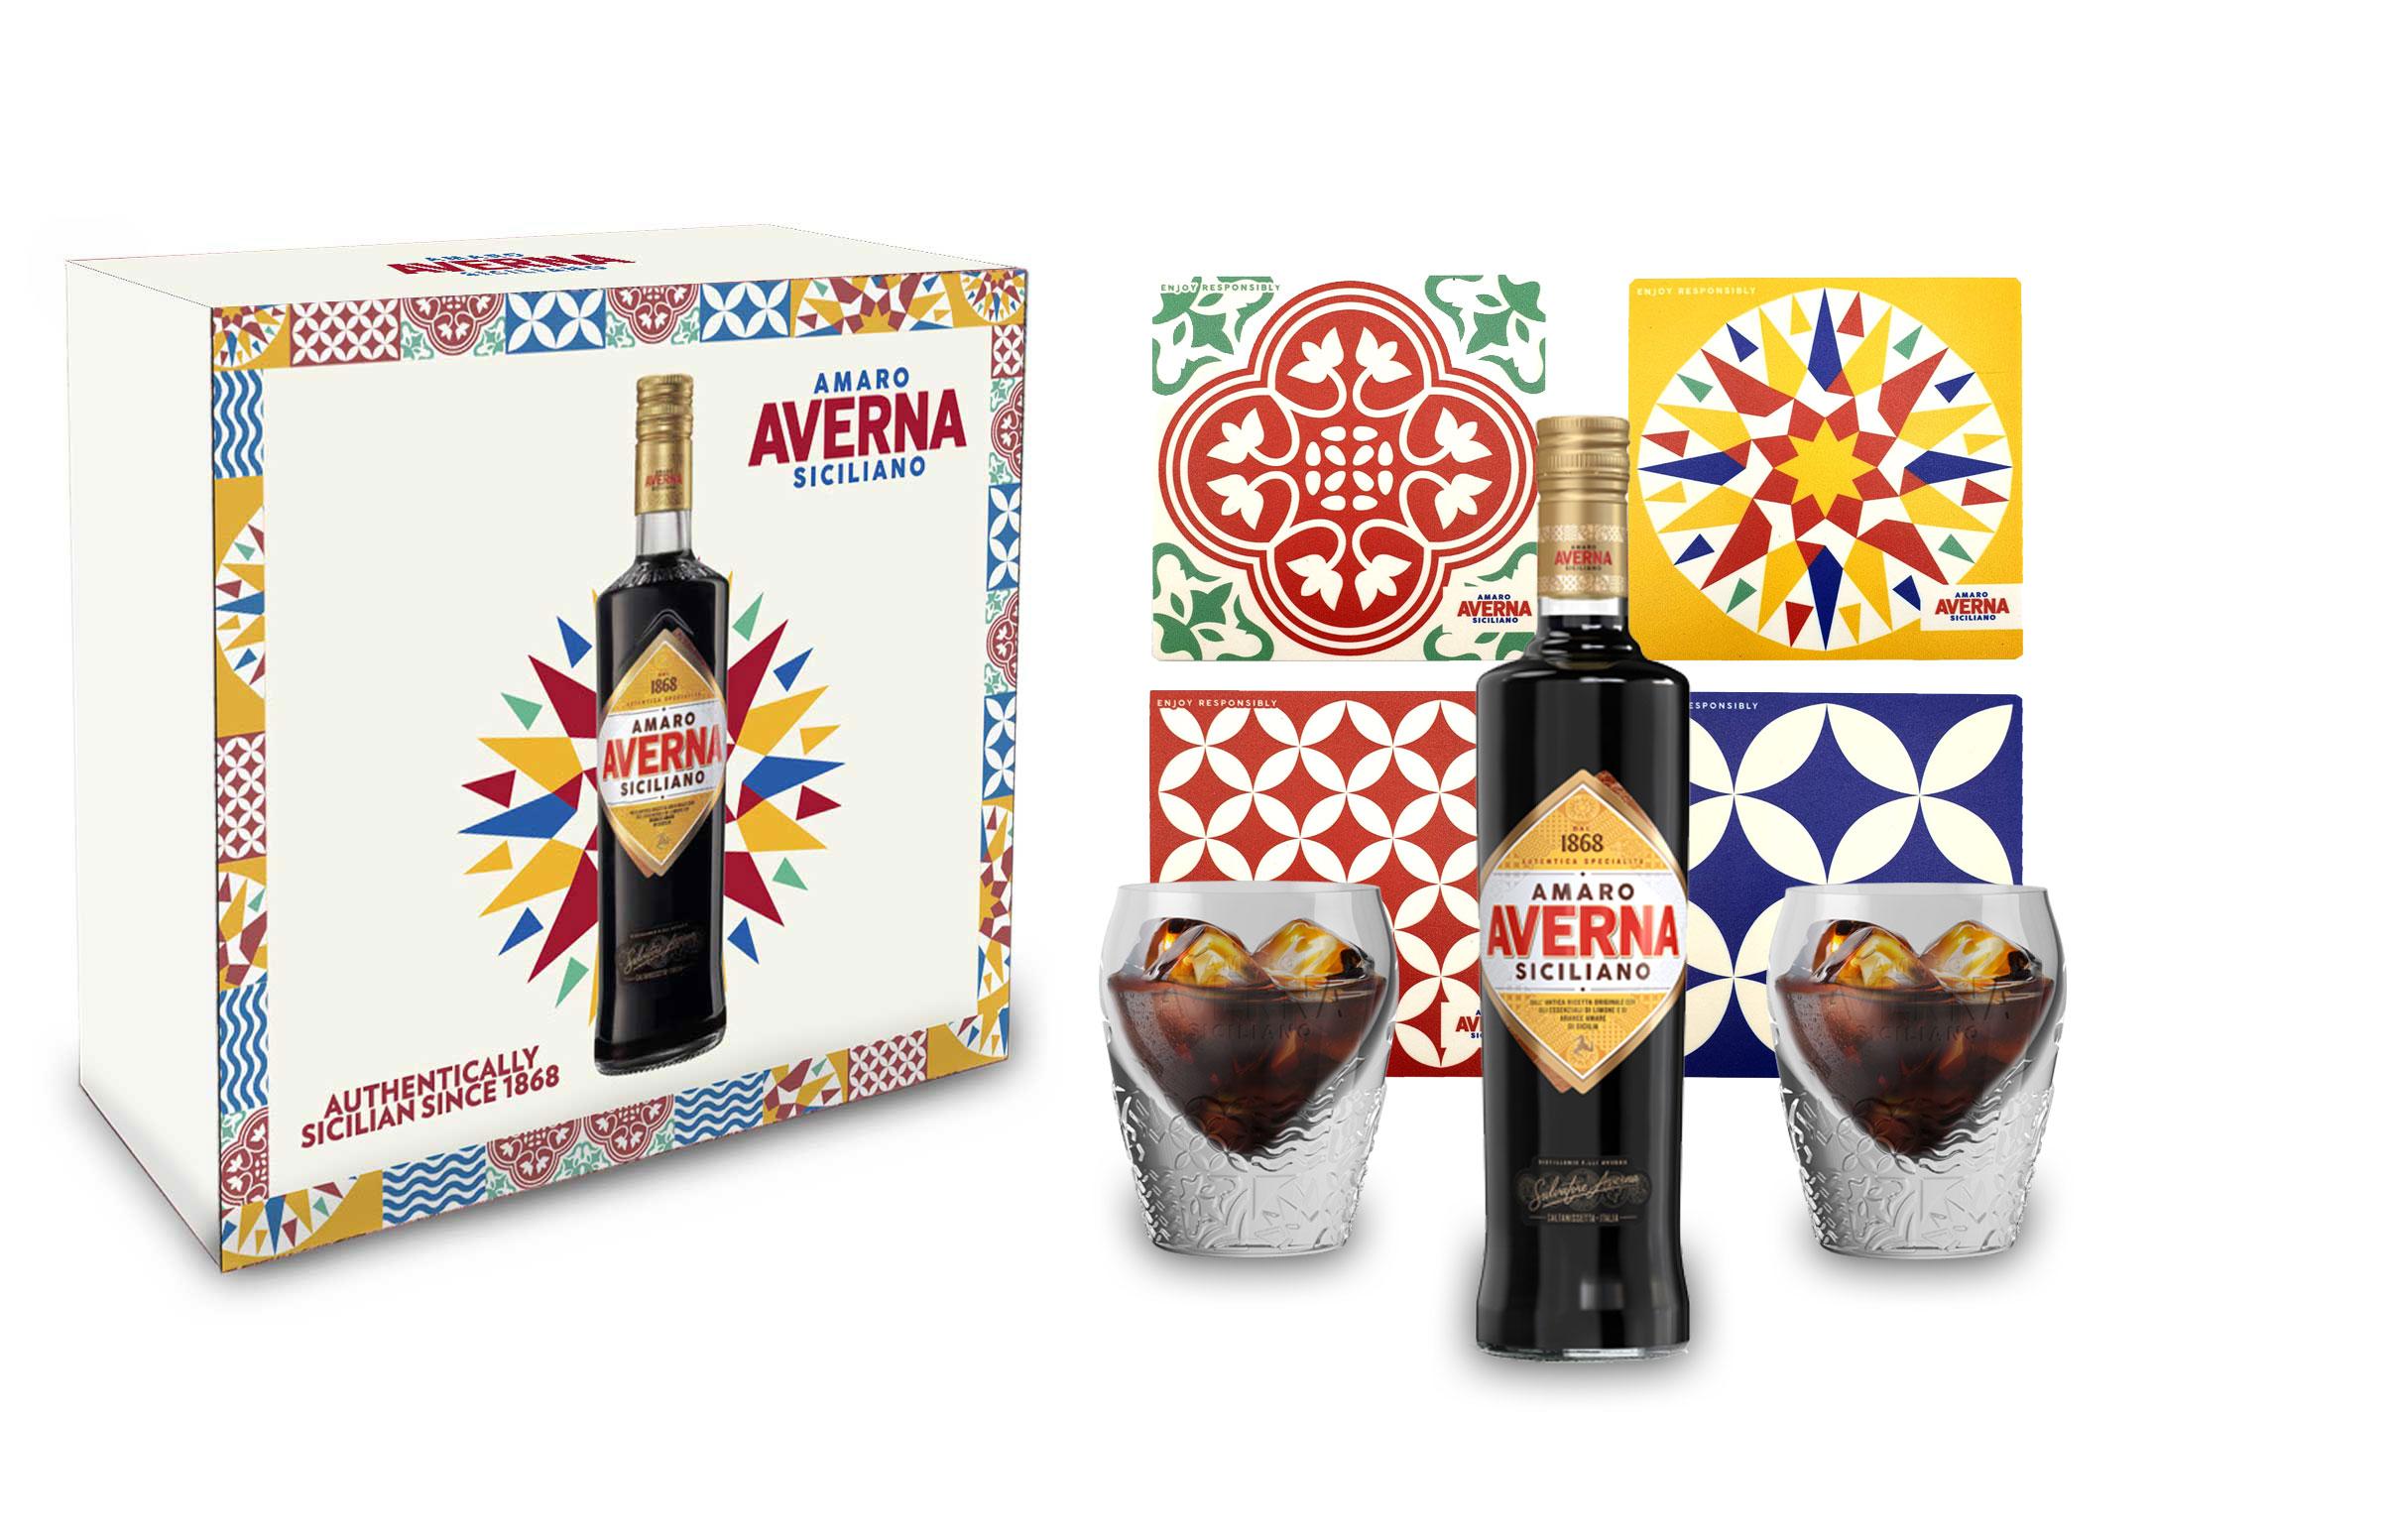 Averna Geschenkset - Averna Amaro Siciliano 0,7L (29% Vol) Schuber 2x Gläser + 4x Untersetzer + Giftbox - [Enthält Sulfite]